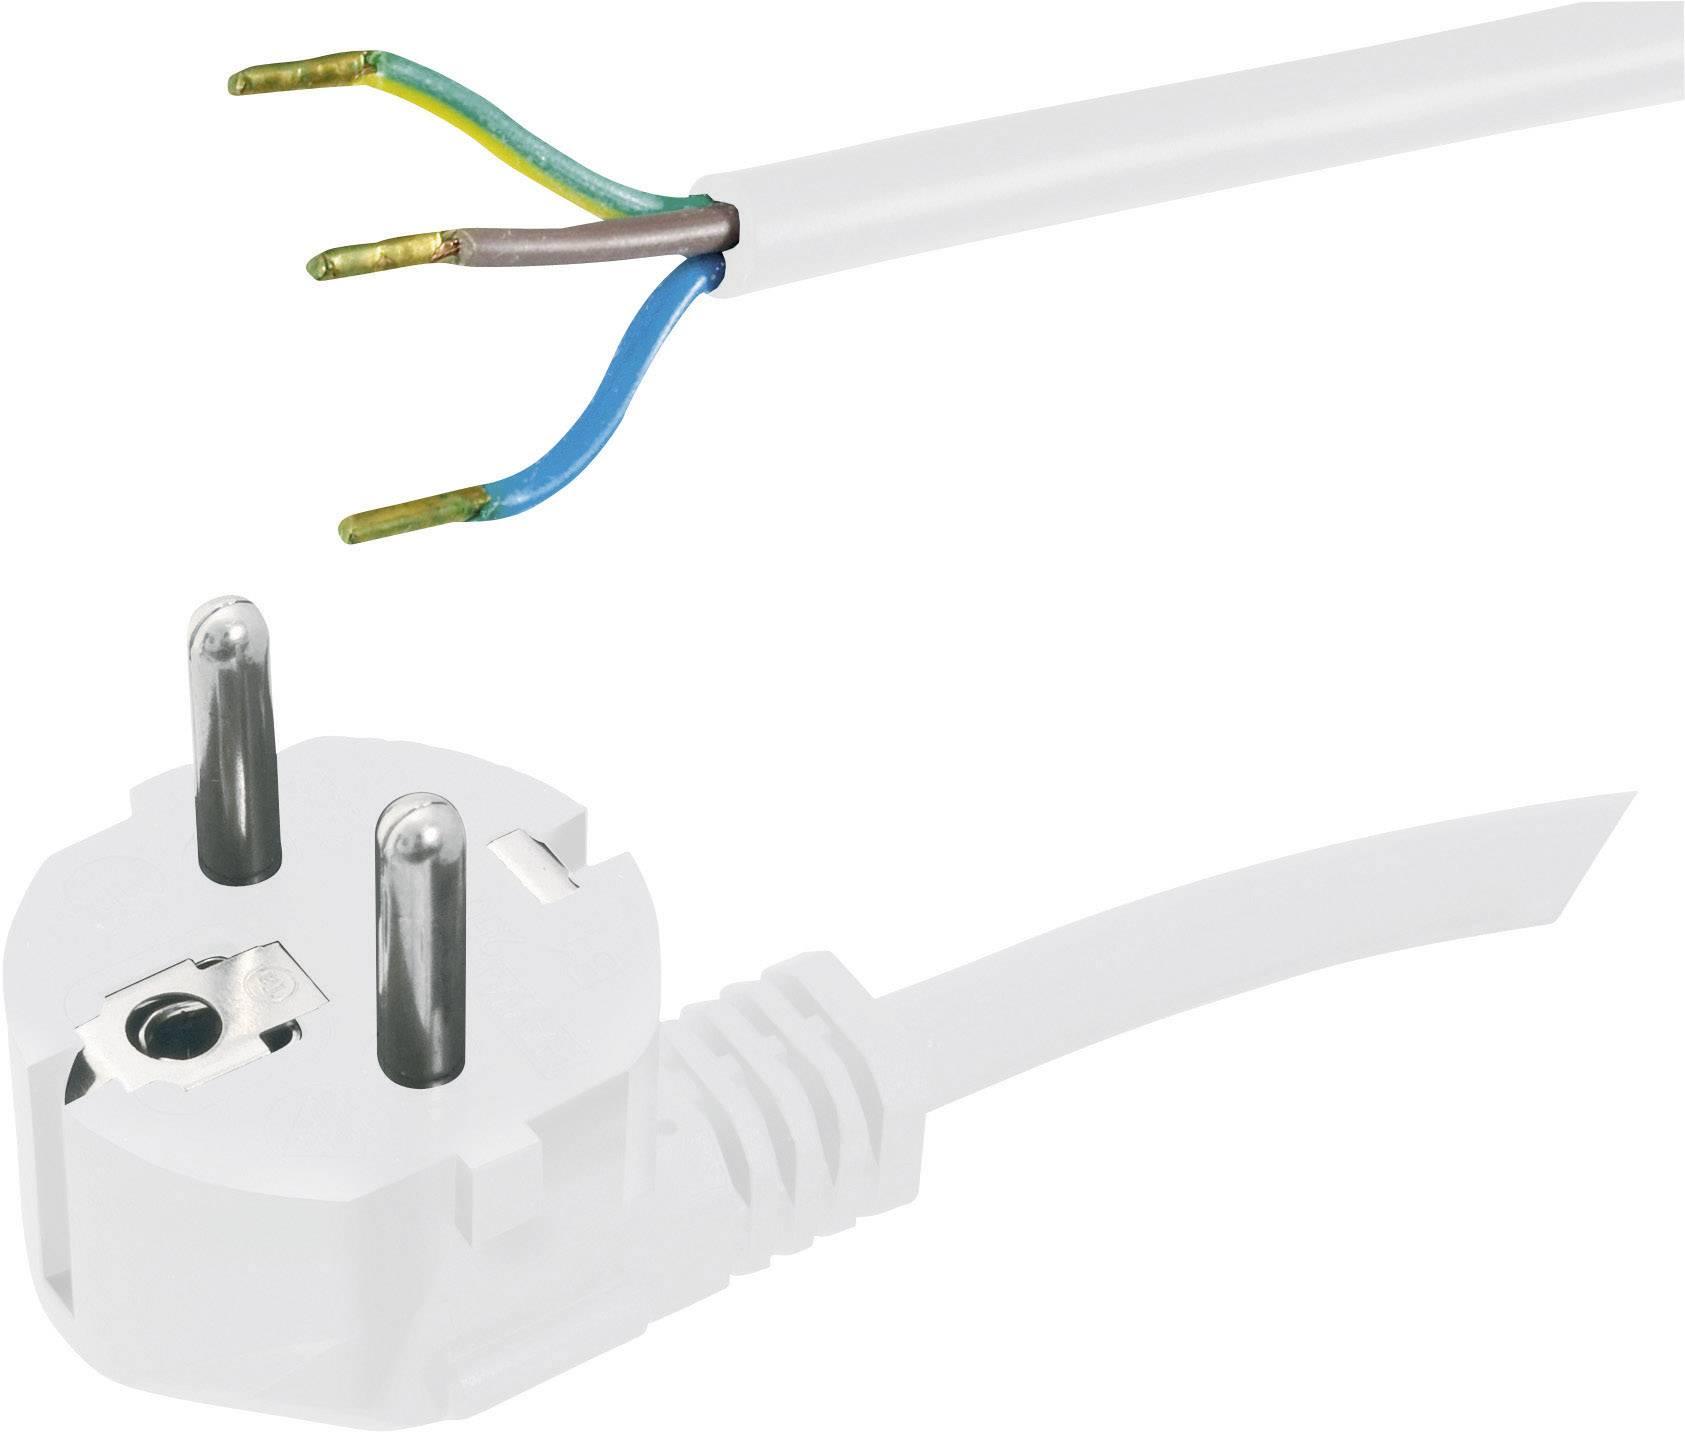 Síťový kabel Hawa, zástrčka/otevřený konec, 1 mm², 2 m, bílá, 1008218